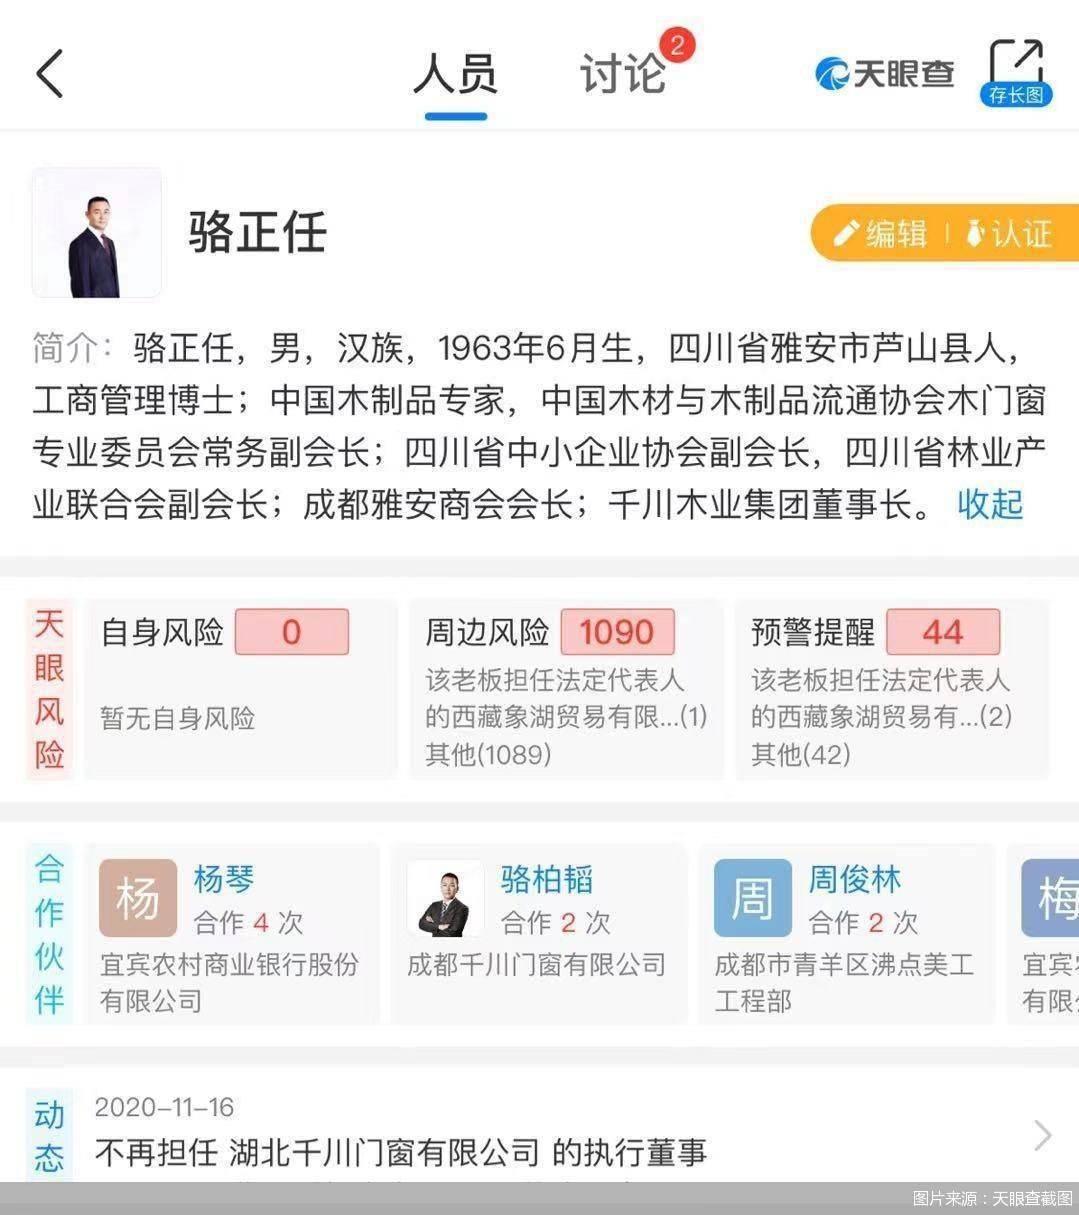 千川木门创始人骆正任因突发疾病逝世